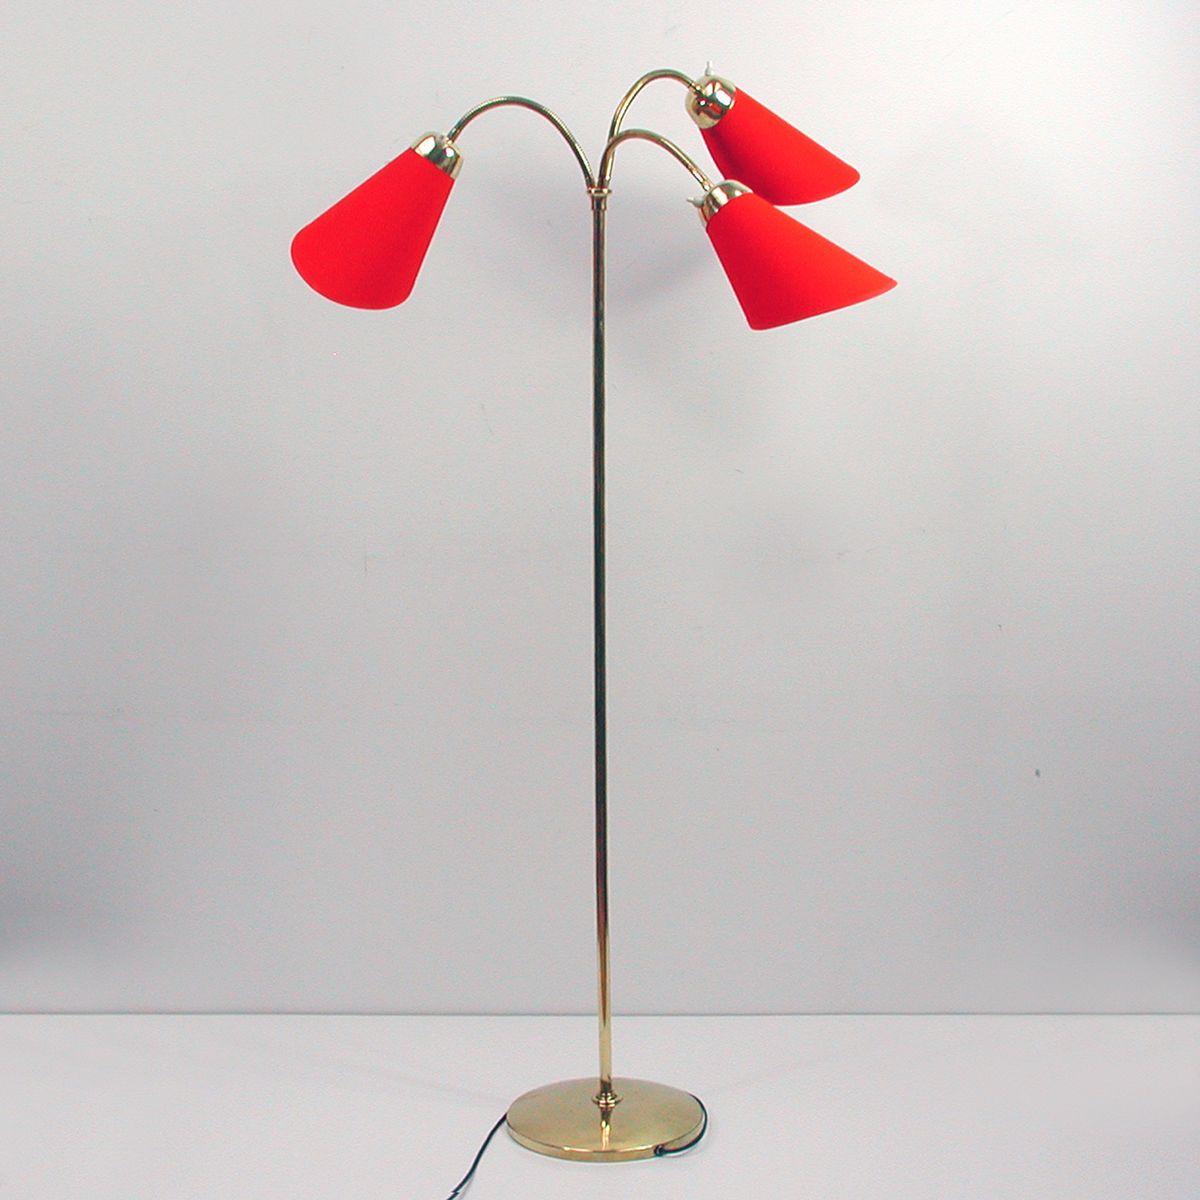 deutsche mid century stehlampe mit drei bogenleuchten bei. Black Bedroom Furniture Sets. Home Design Ideas